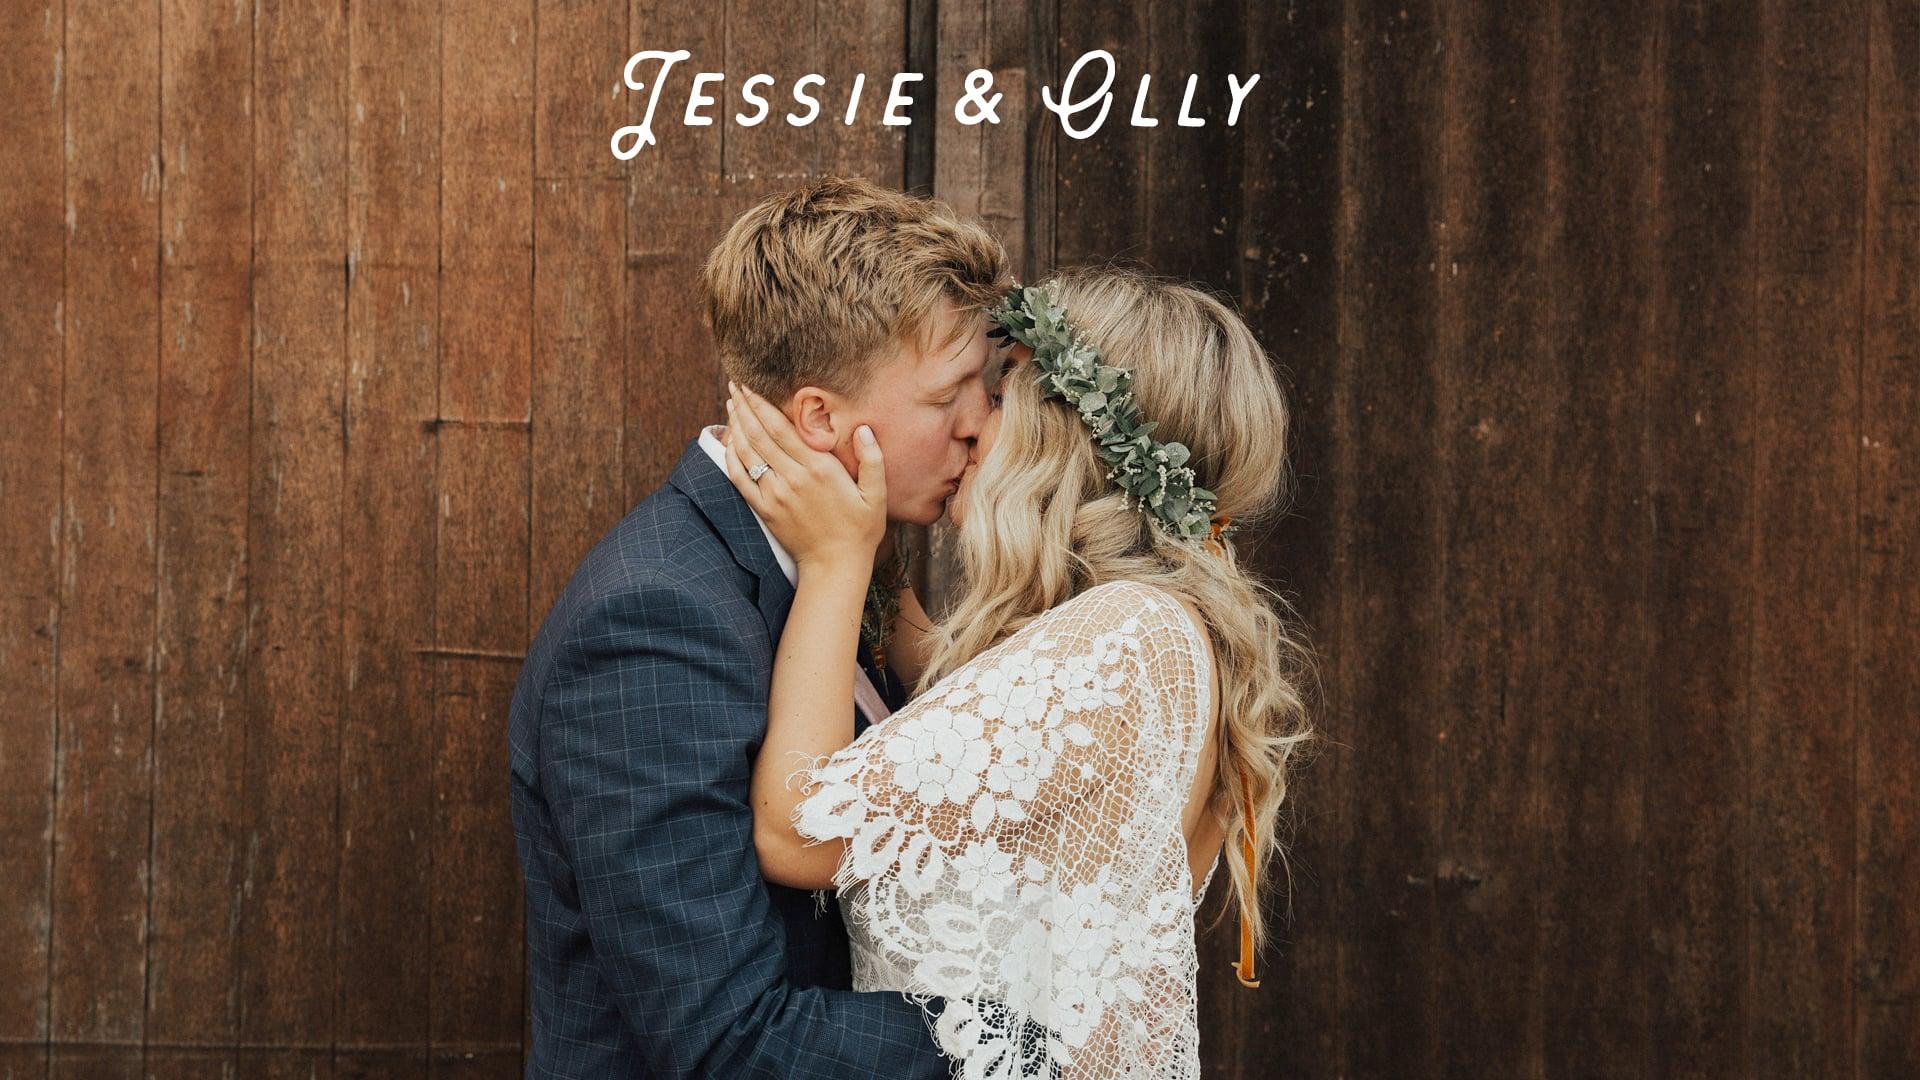 Jessie & Olly